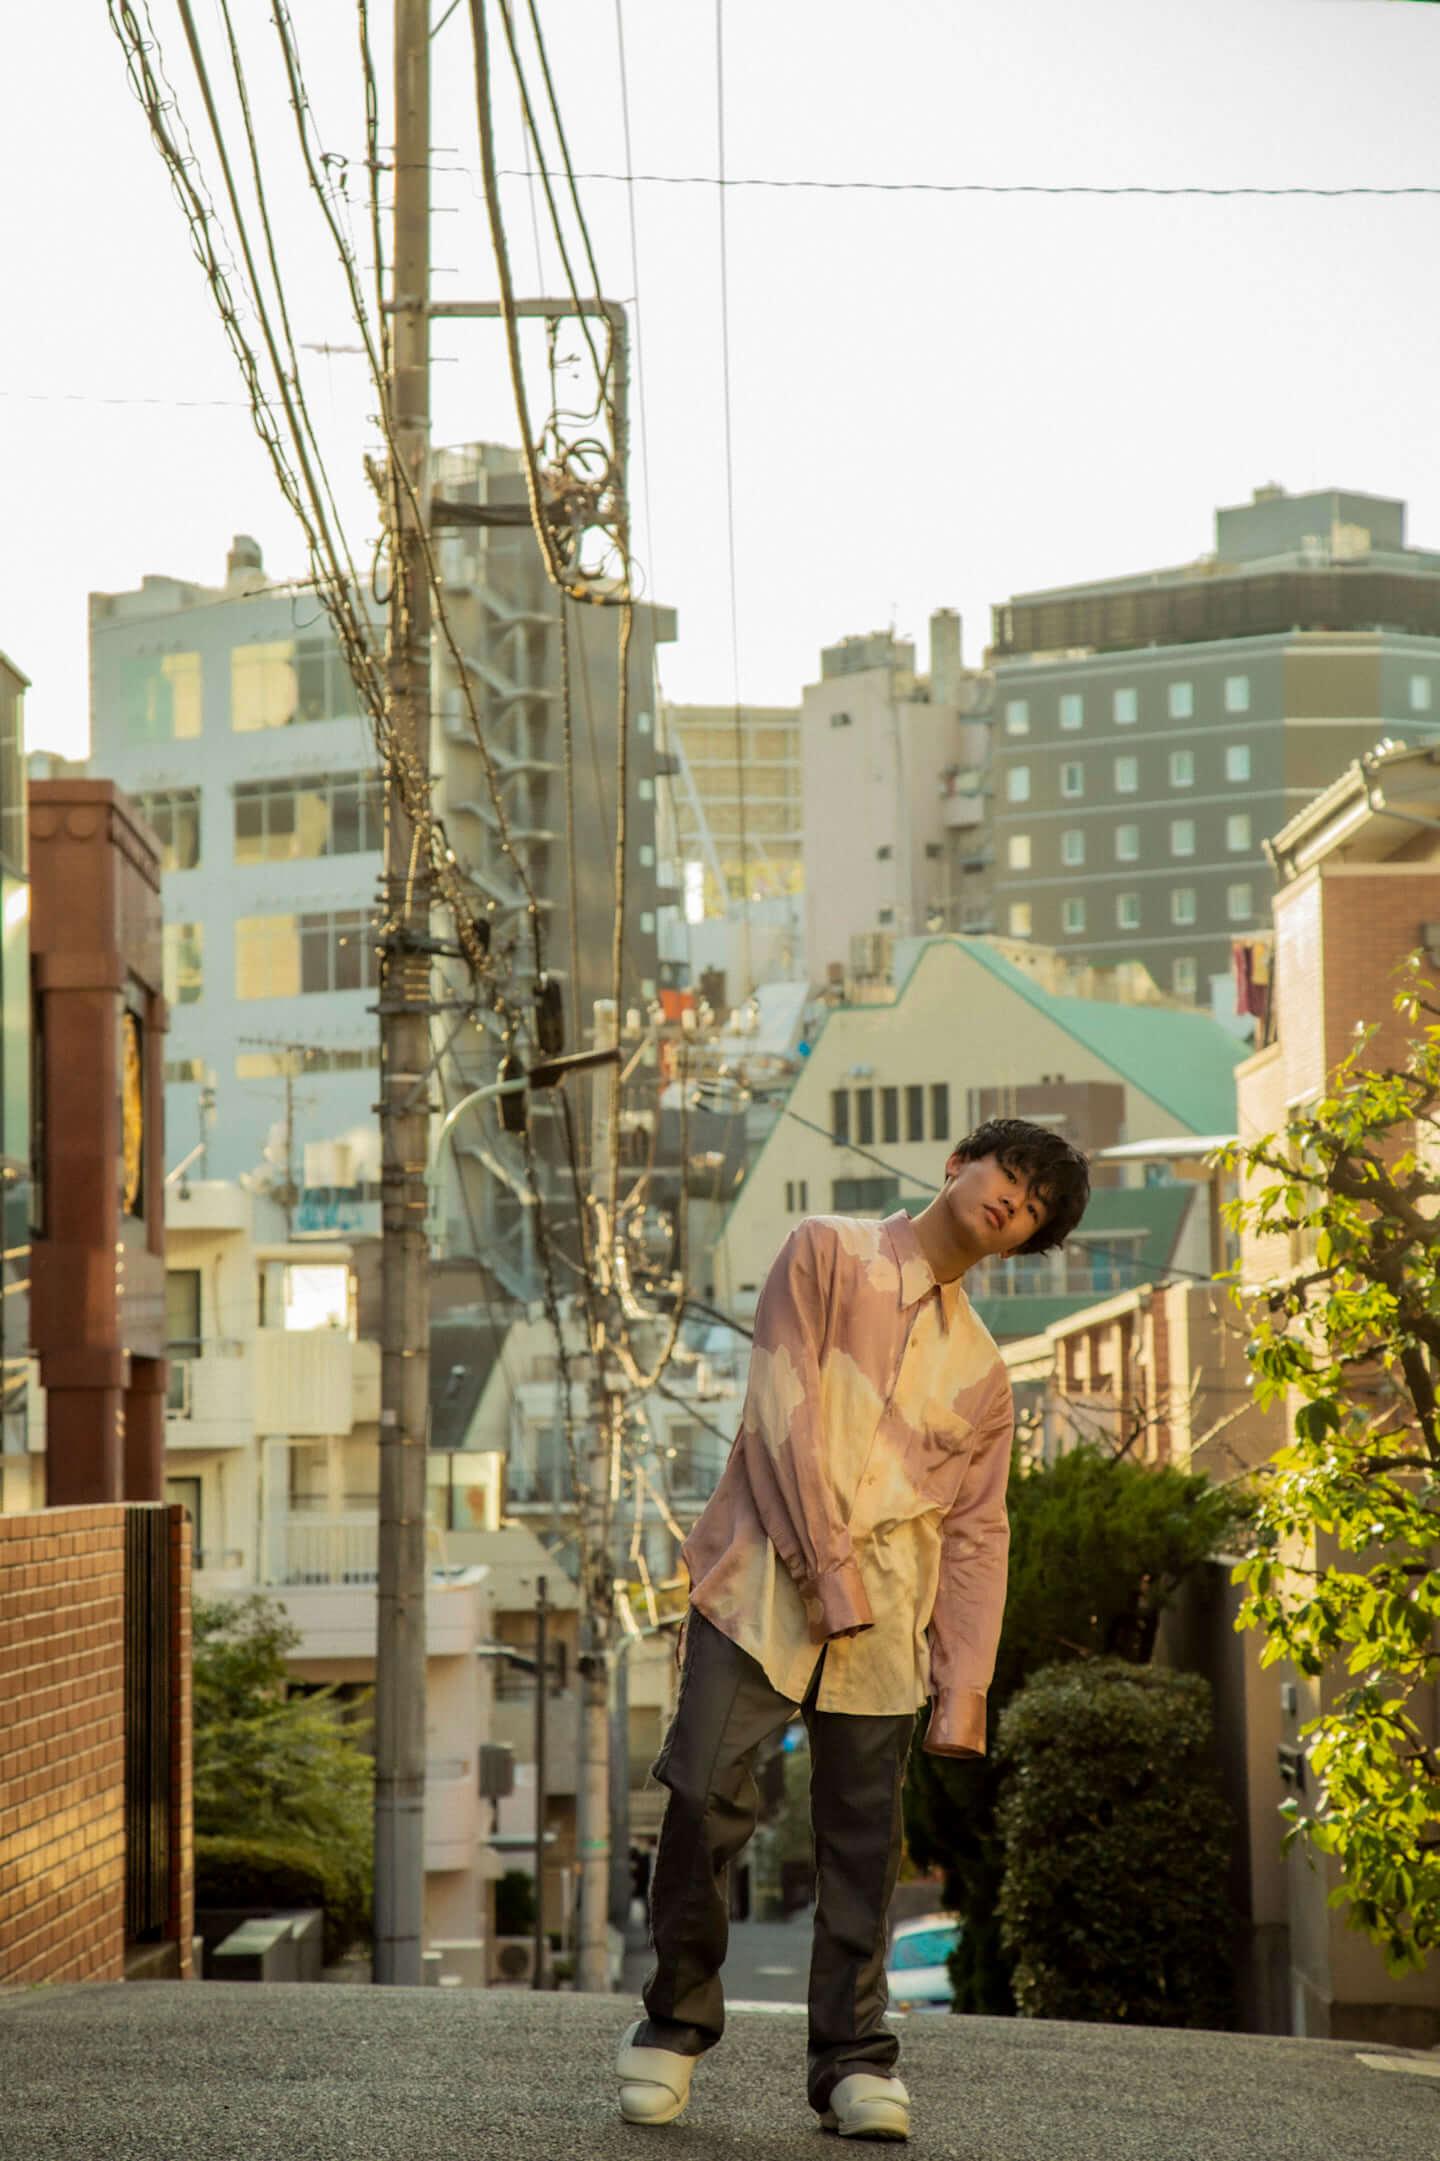 「思ってもないことを書くのは本末転倒」クボタカイ1stアルバム『来光』に表れるラッパーとしてのスタイル interview210407_kubotakai-03-1440x2161